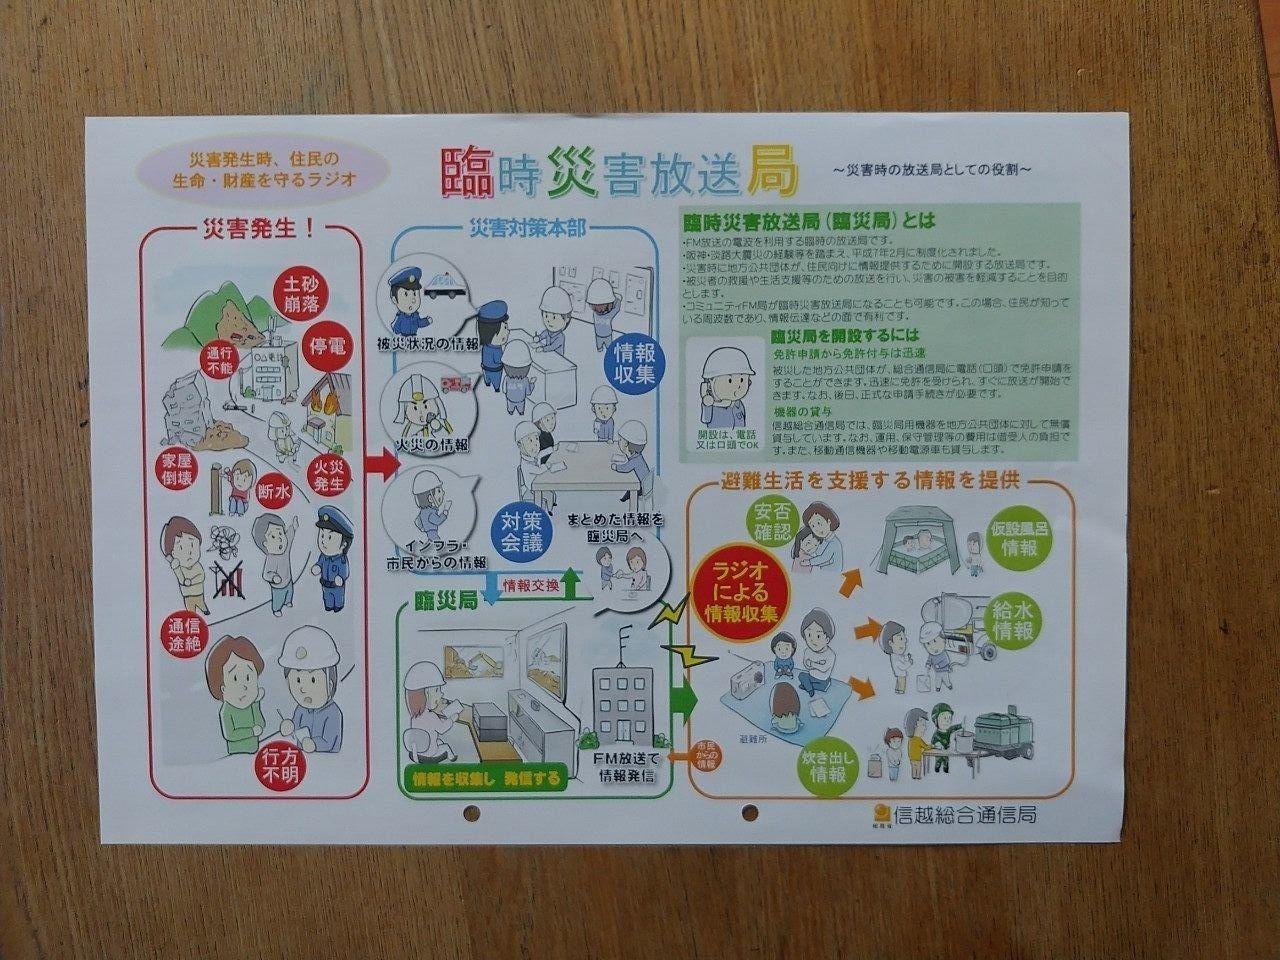 東日本大震災や熊本地震でも開設された臨時災害放送局